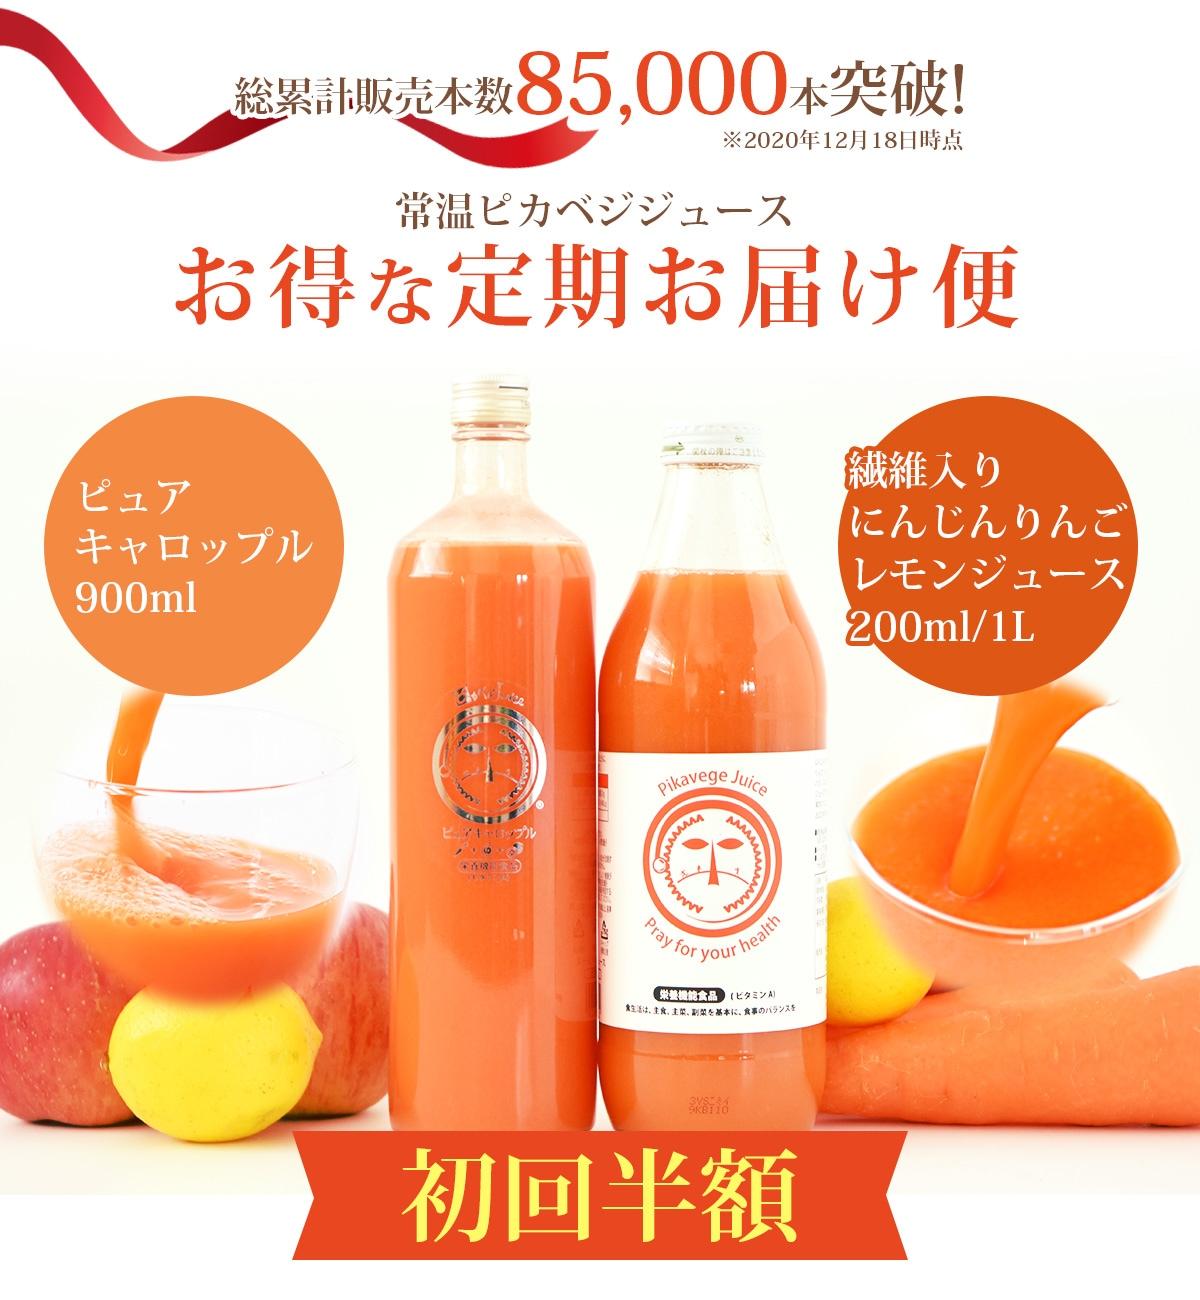 総累計販売本数 85,000本突破の常温ピカベジジュース定期購入